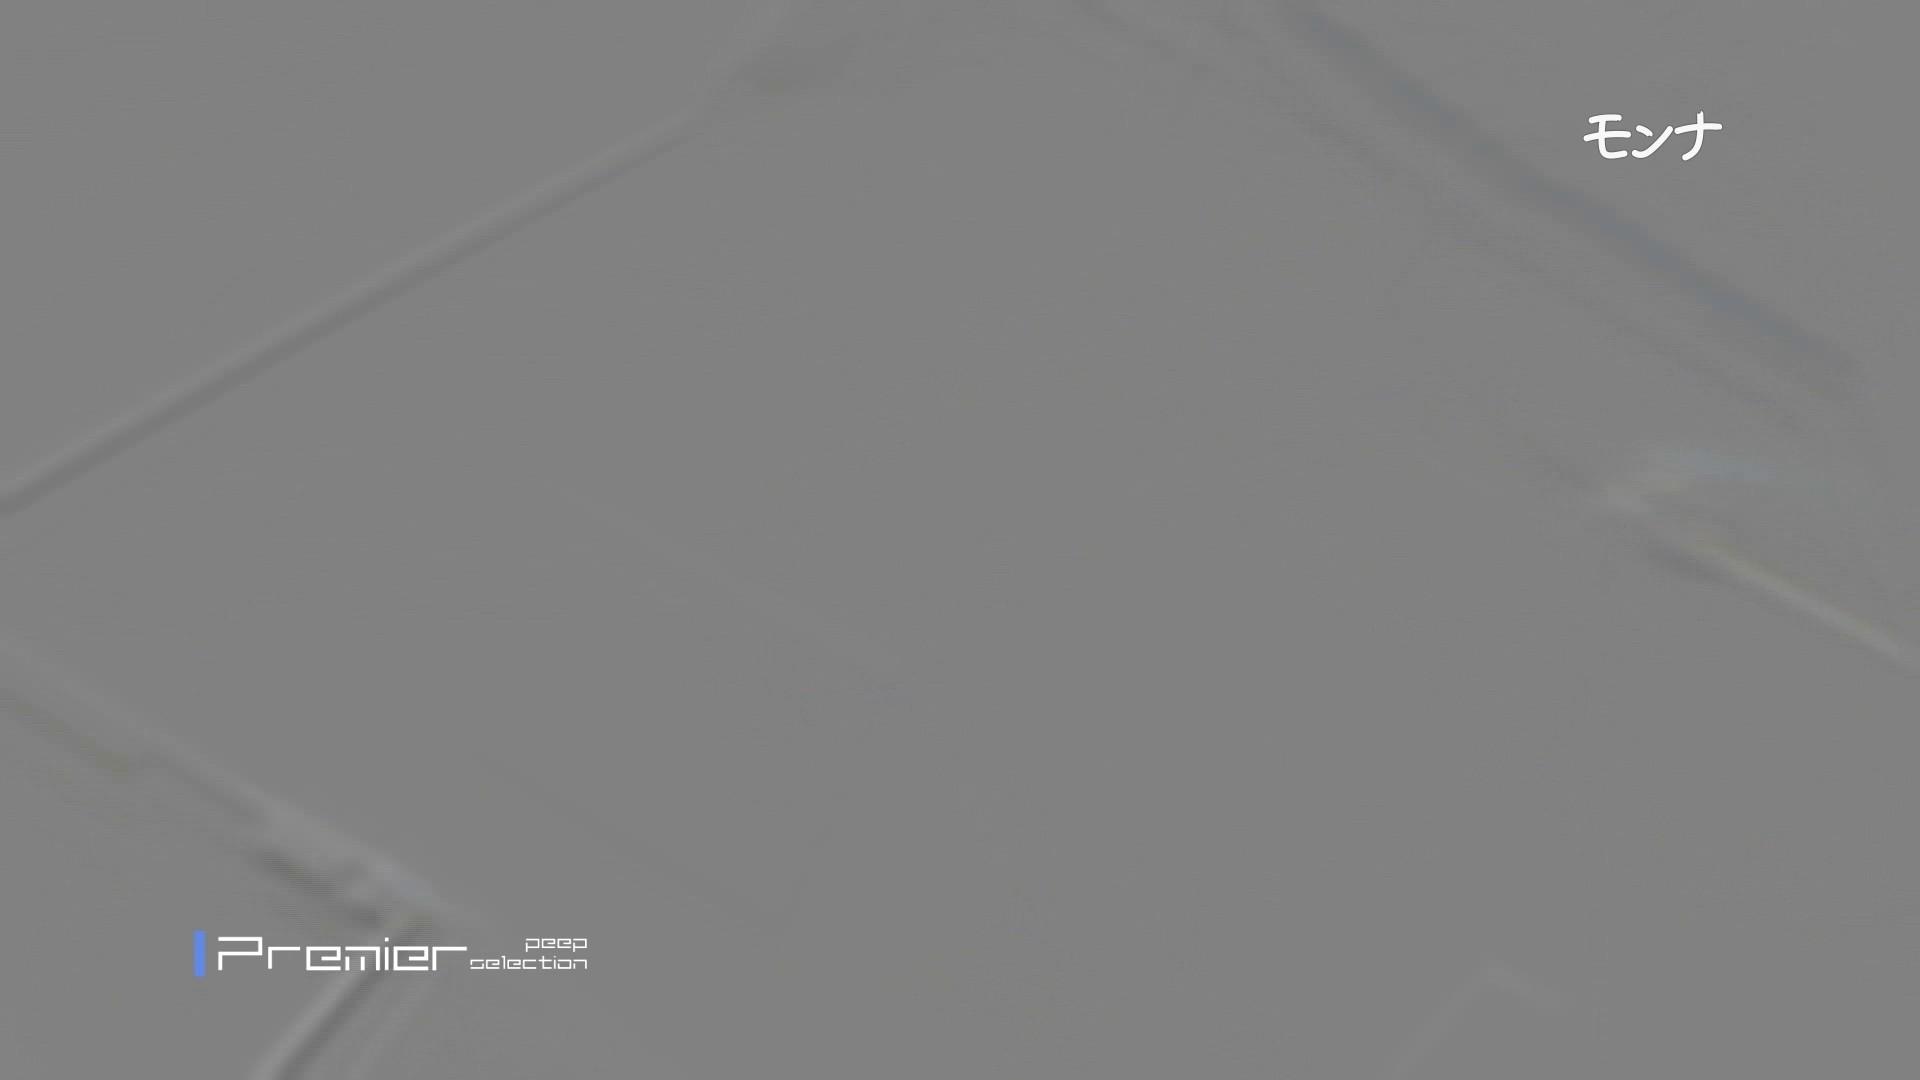 新学期!!下半身中心に攻めてます美小女可愛い女の悪戯盗撮トイレ 悪戯 おめこ無修正動画無料 106枚 14